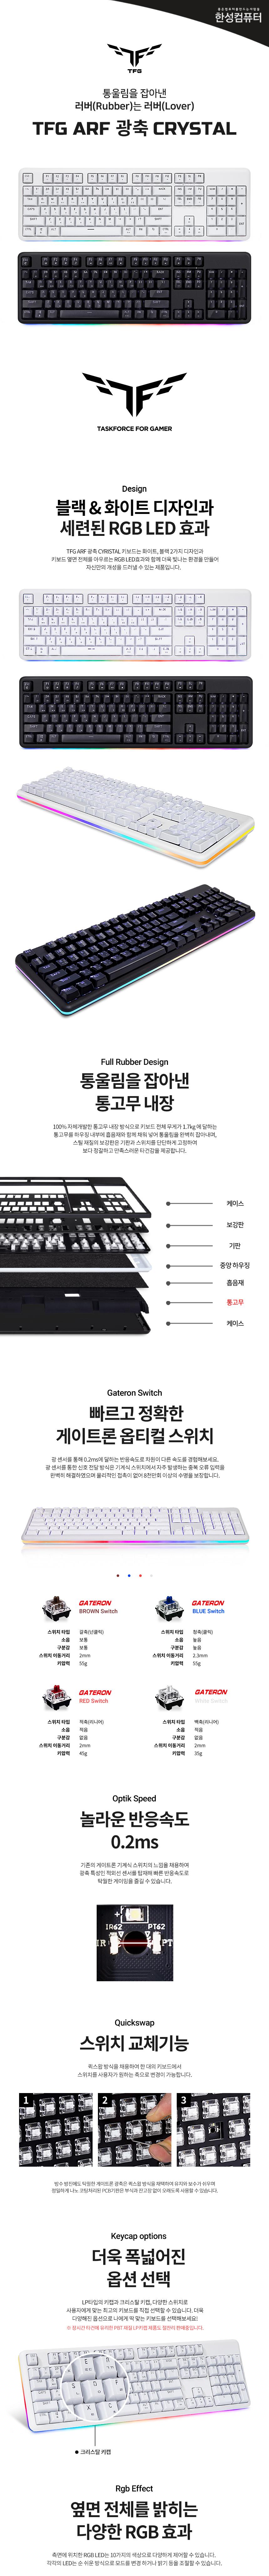 한성컴퓨터 TFG ARF 게이트론 RGB 게이밍 크리스탈 광축키보드 (블랙, 청축)